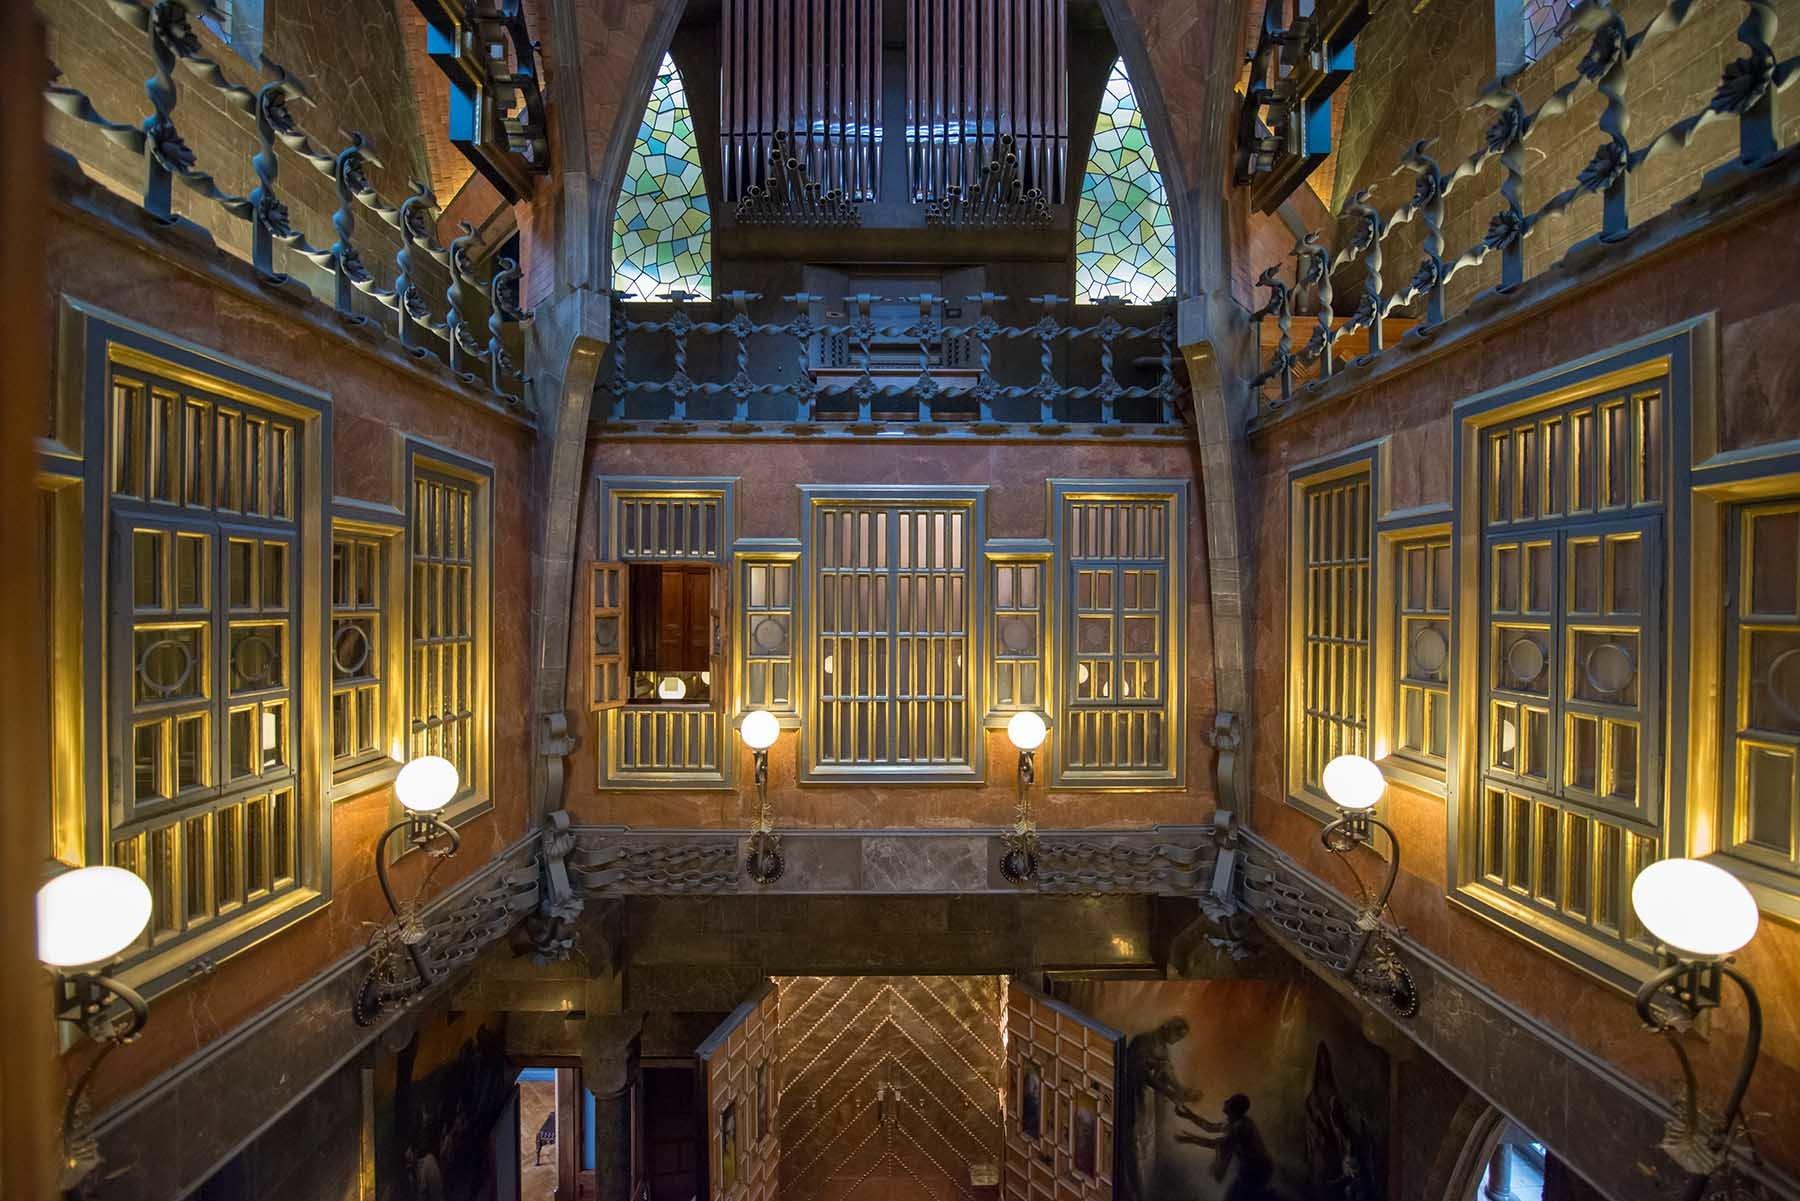 Wnętrze w Pałacu Guell w Barcelonie zaprojektowane przez Gaudiego